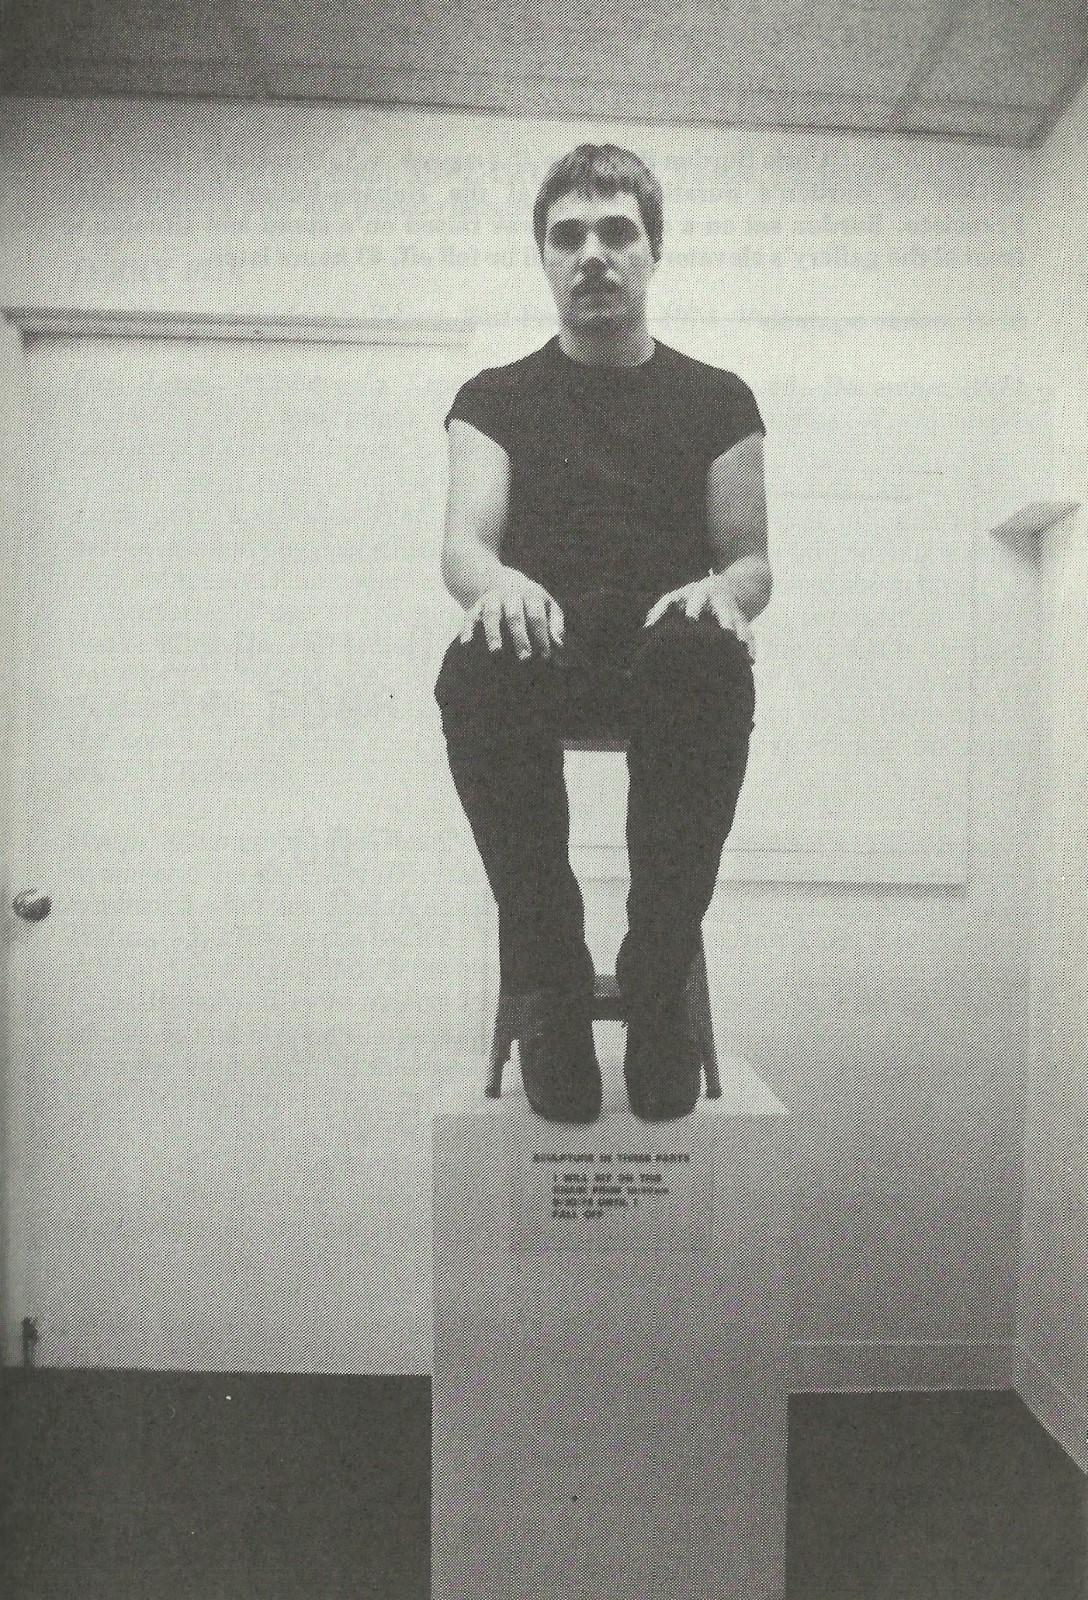 Burden-Chris-Sculpture-in-Three-Parts-1974.jpg